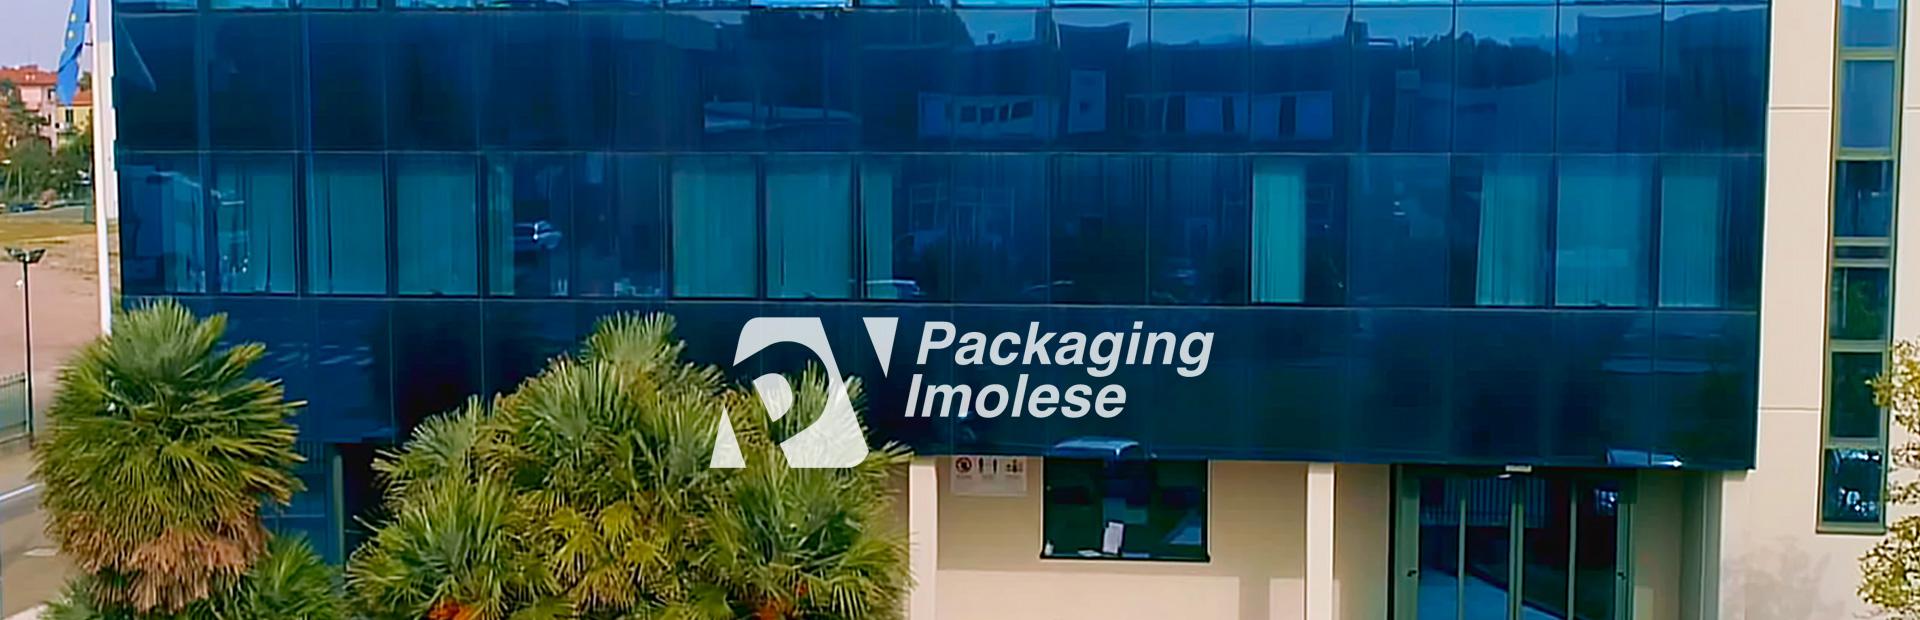 Packaging Imolese richiesta informazioni